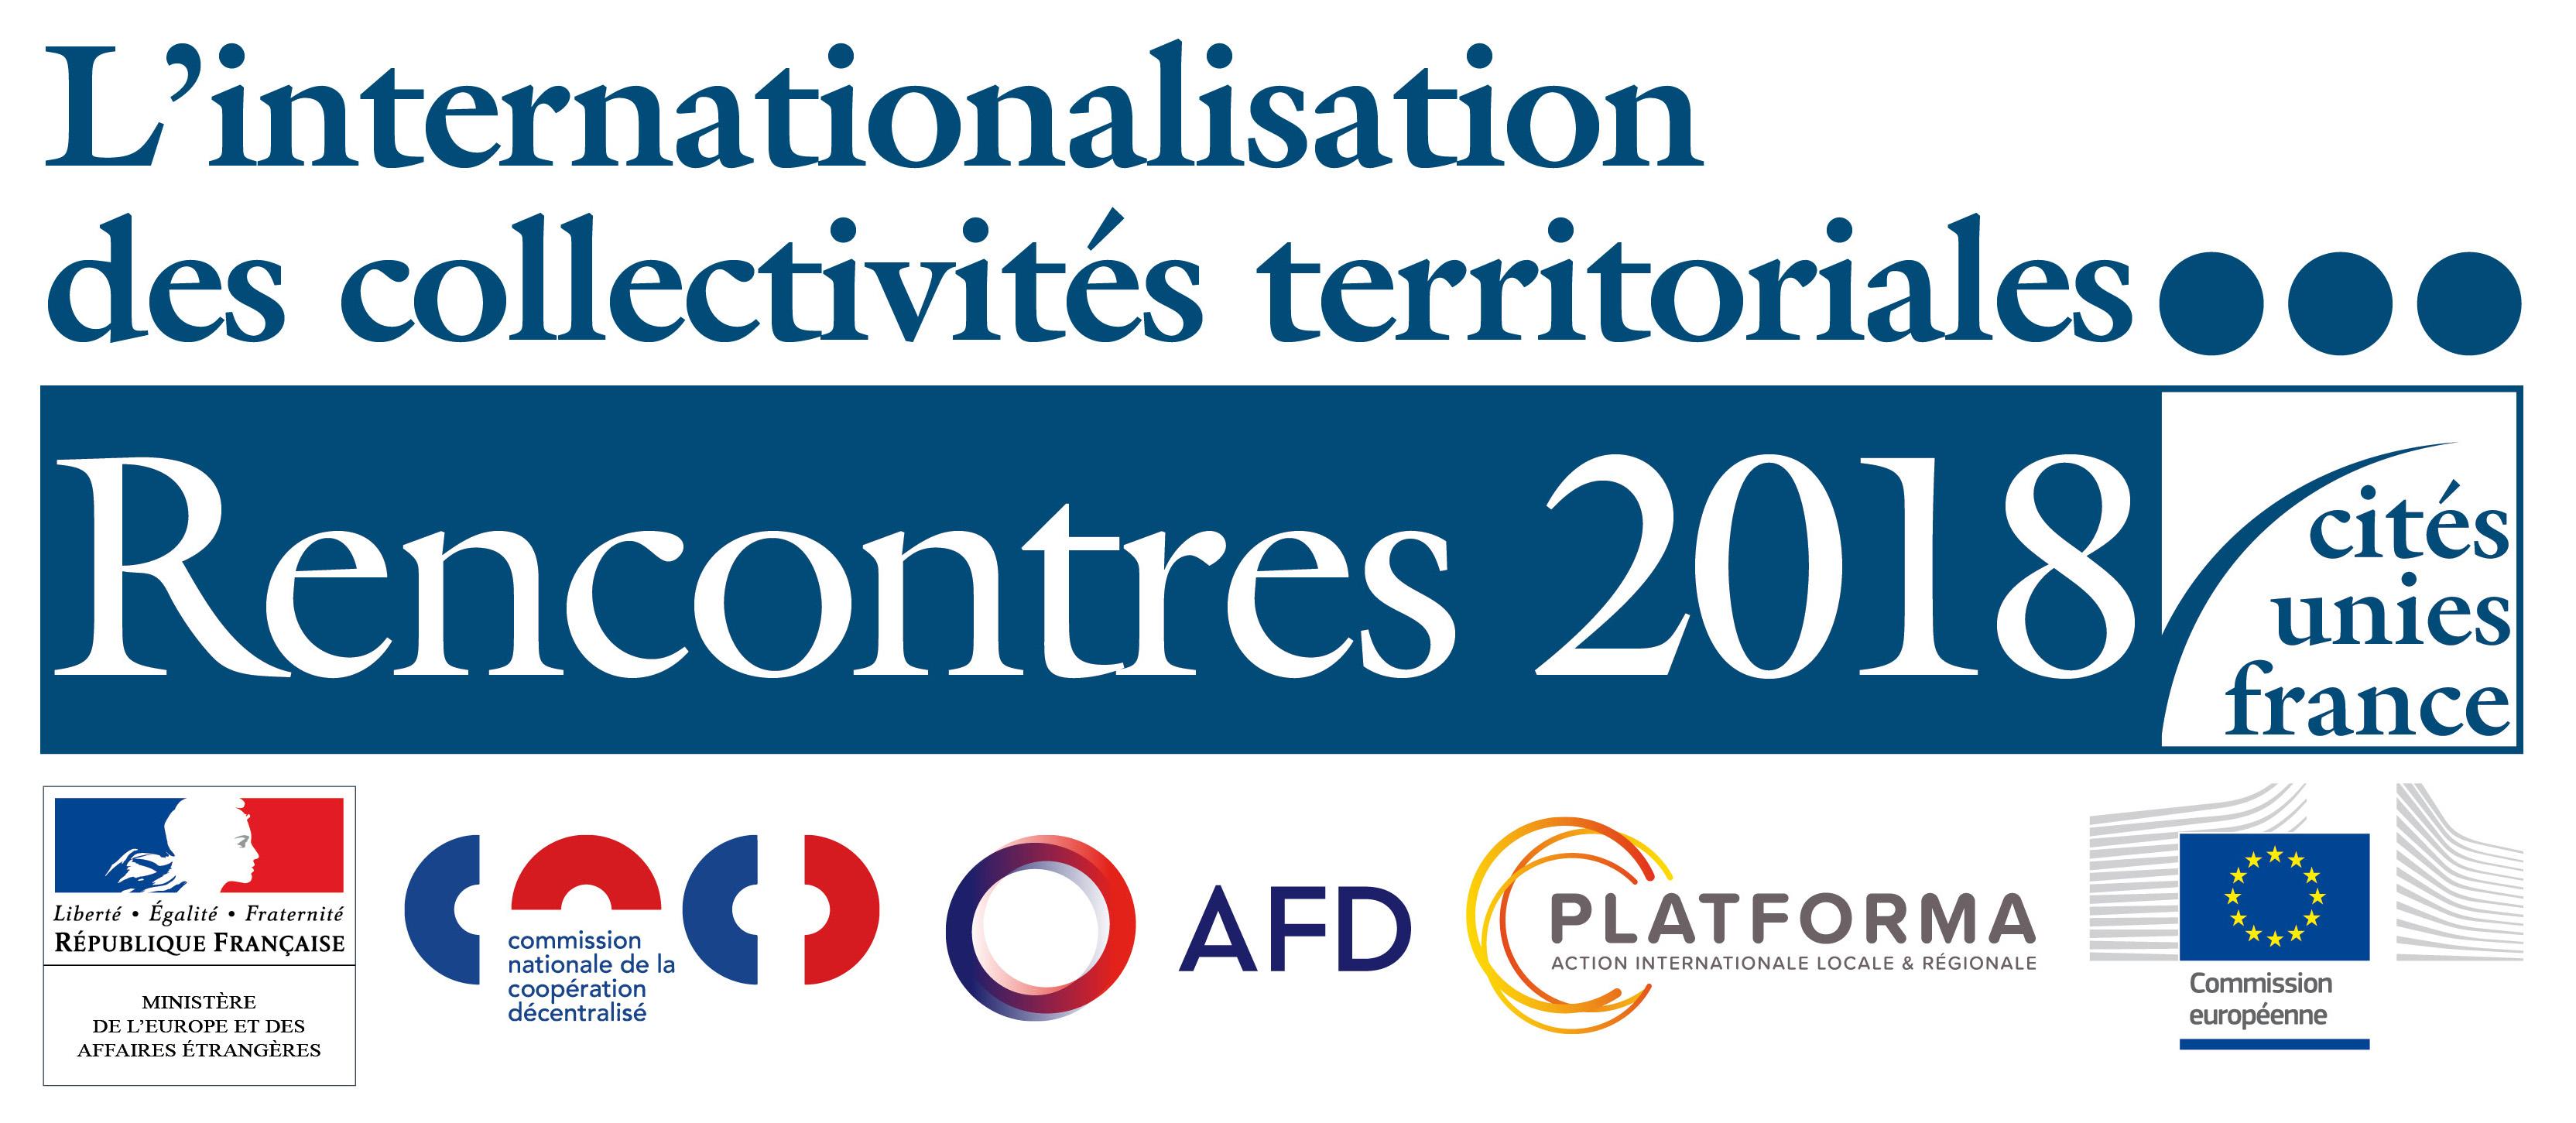 Rencontres bd change 2018